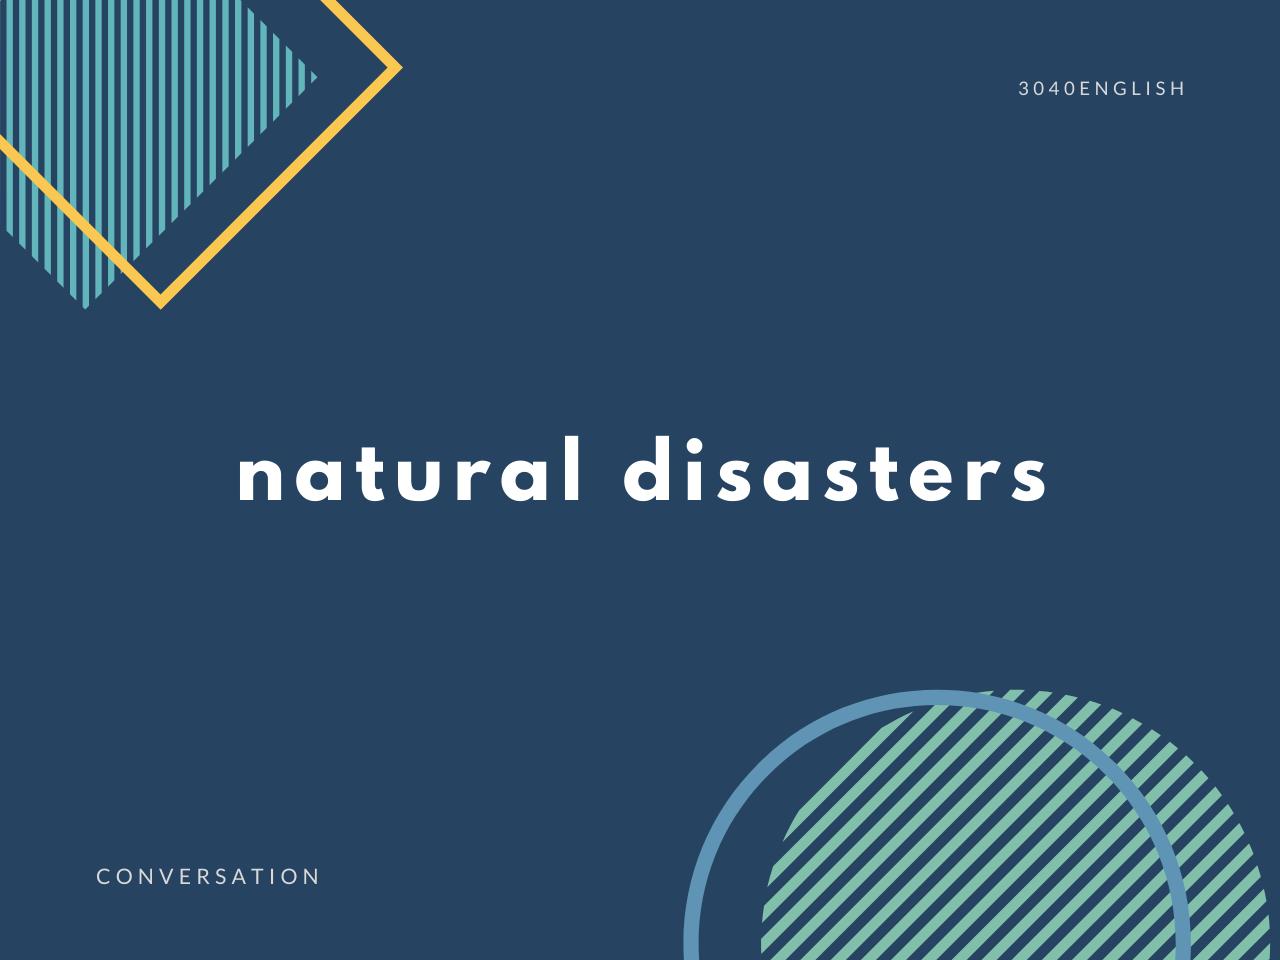 自然災害の英語表現・英会話フレーズ13選【例文あり】